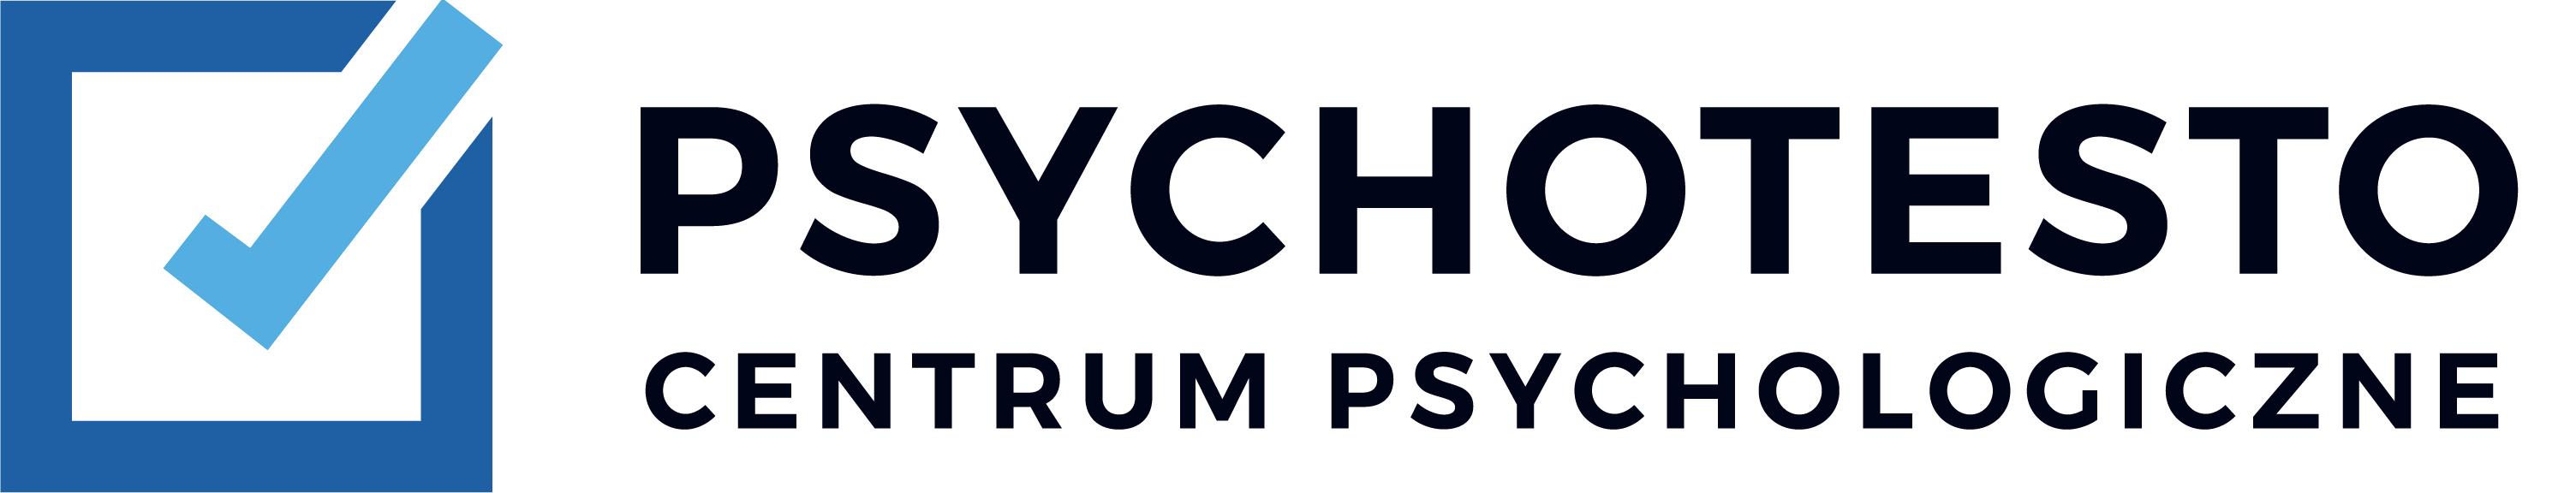 PSYCHOTESTO Centrum Psychologiczne Łódź - Usługi psychologiczne: badania psychologiczne (psychotechniczne) kierowców i operatorów (psychotesty), diagnoza, orzecznictwo, psychoterapia.